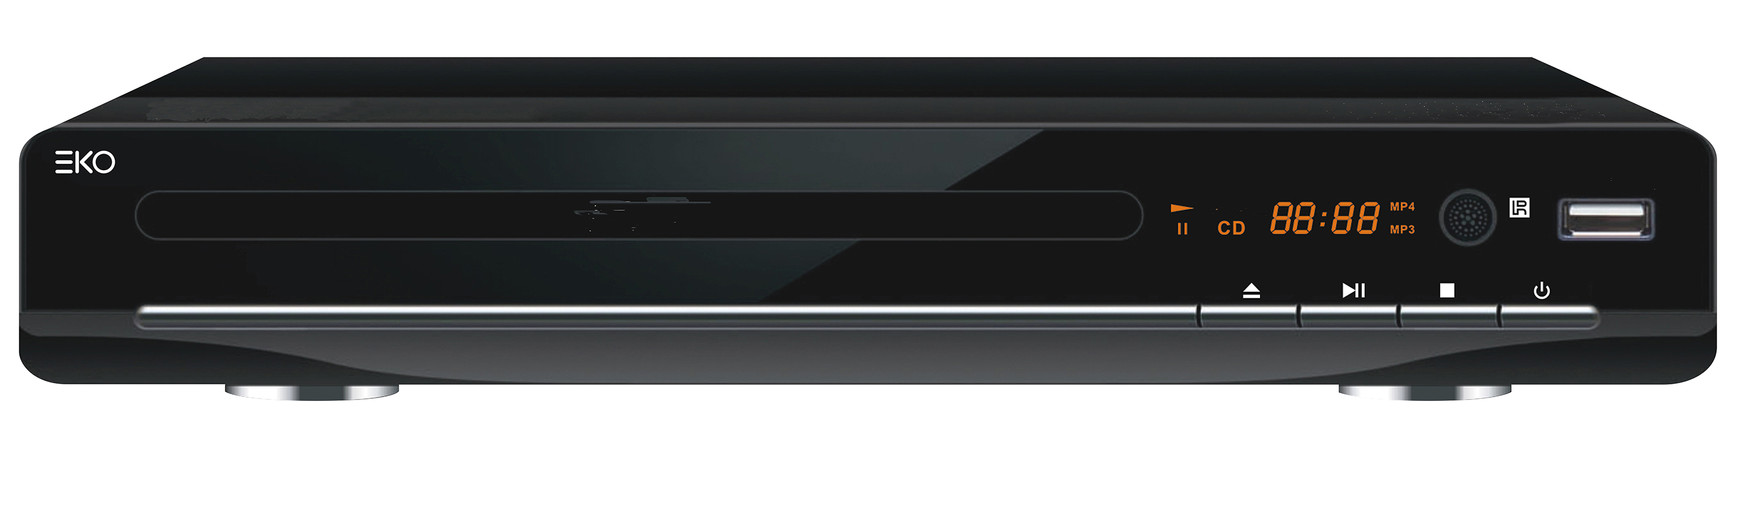 EK200DVH - 1 - Front